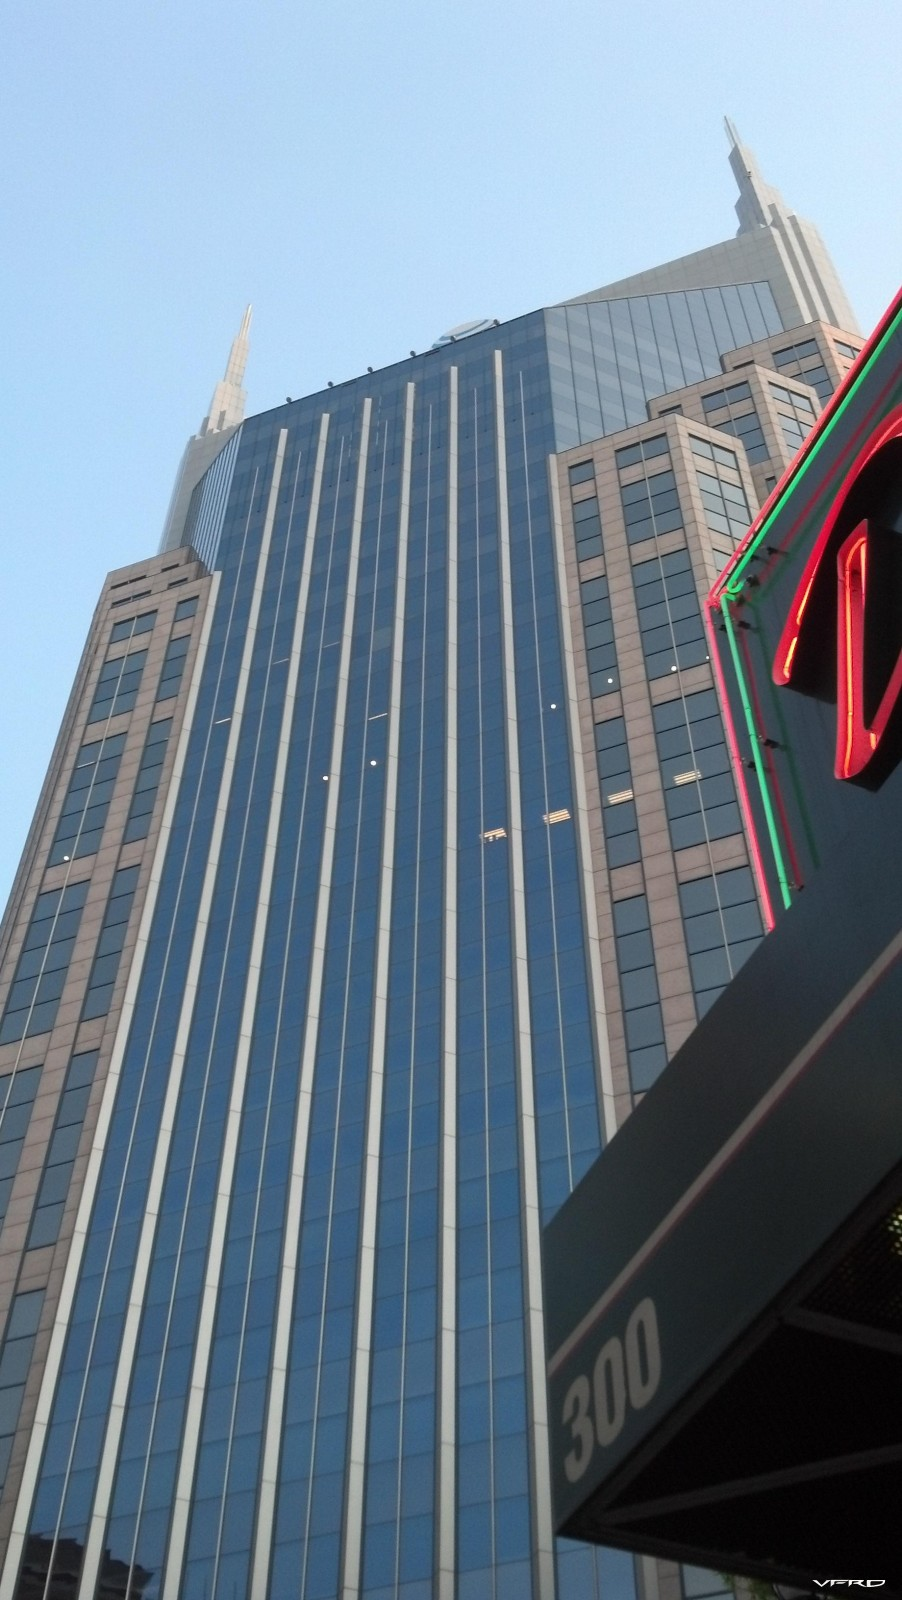 ATT Building in Nashville